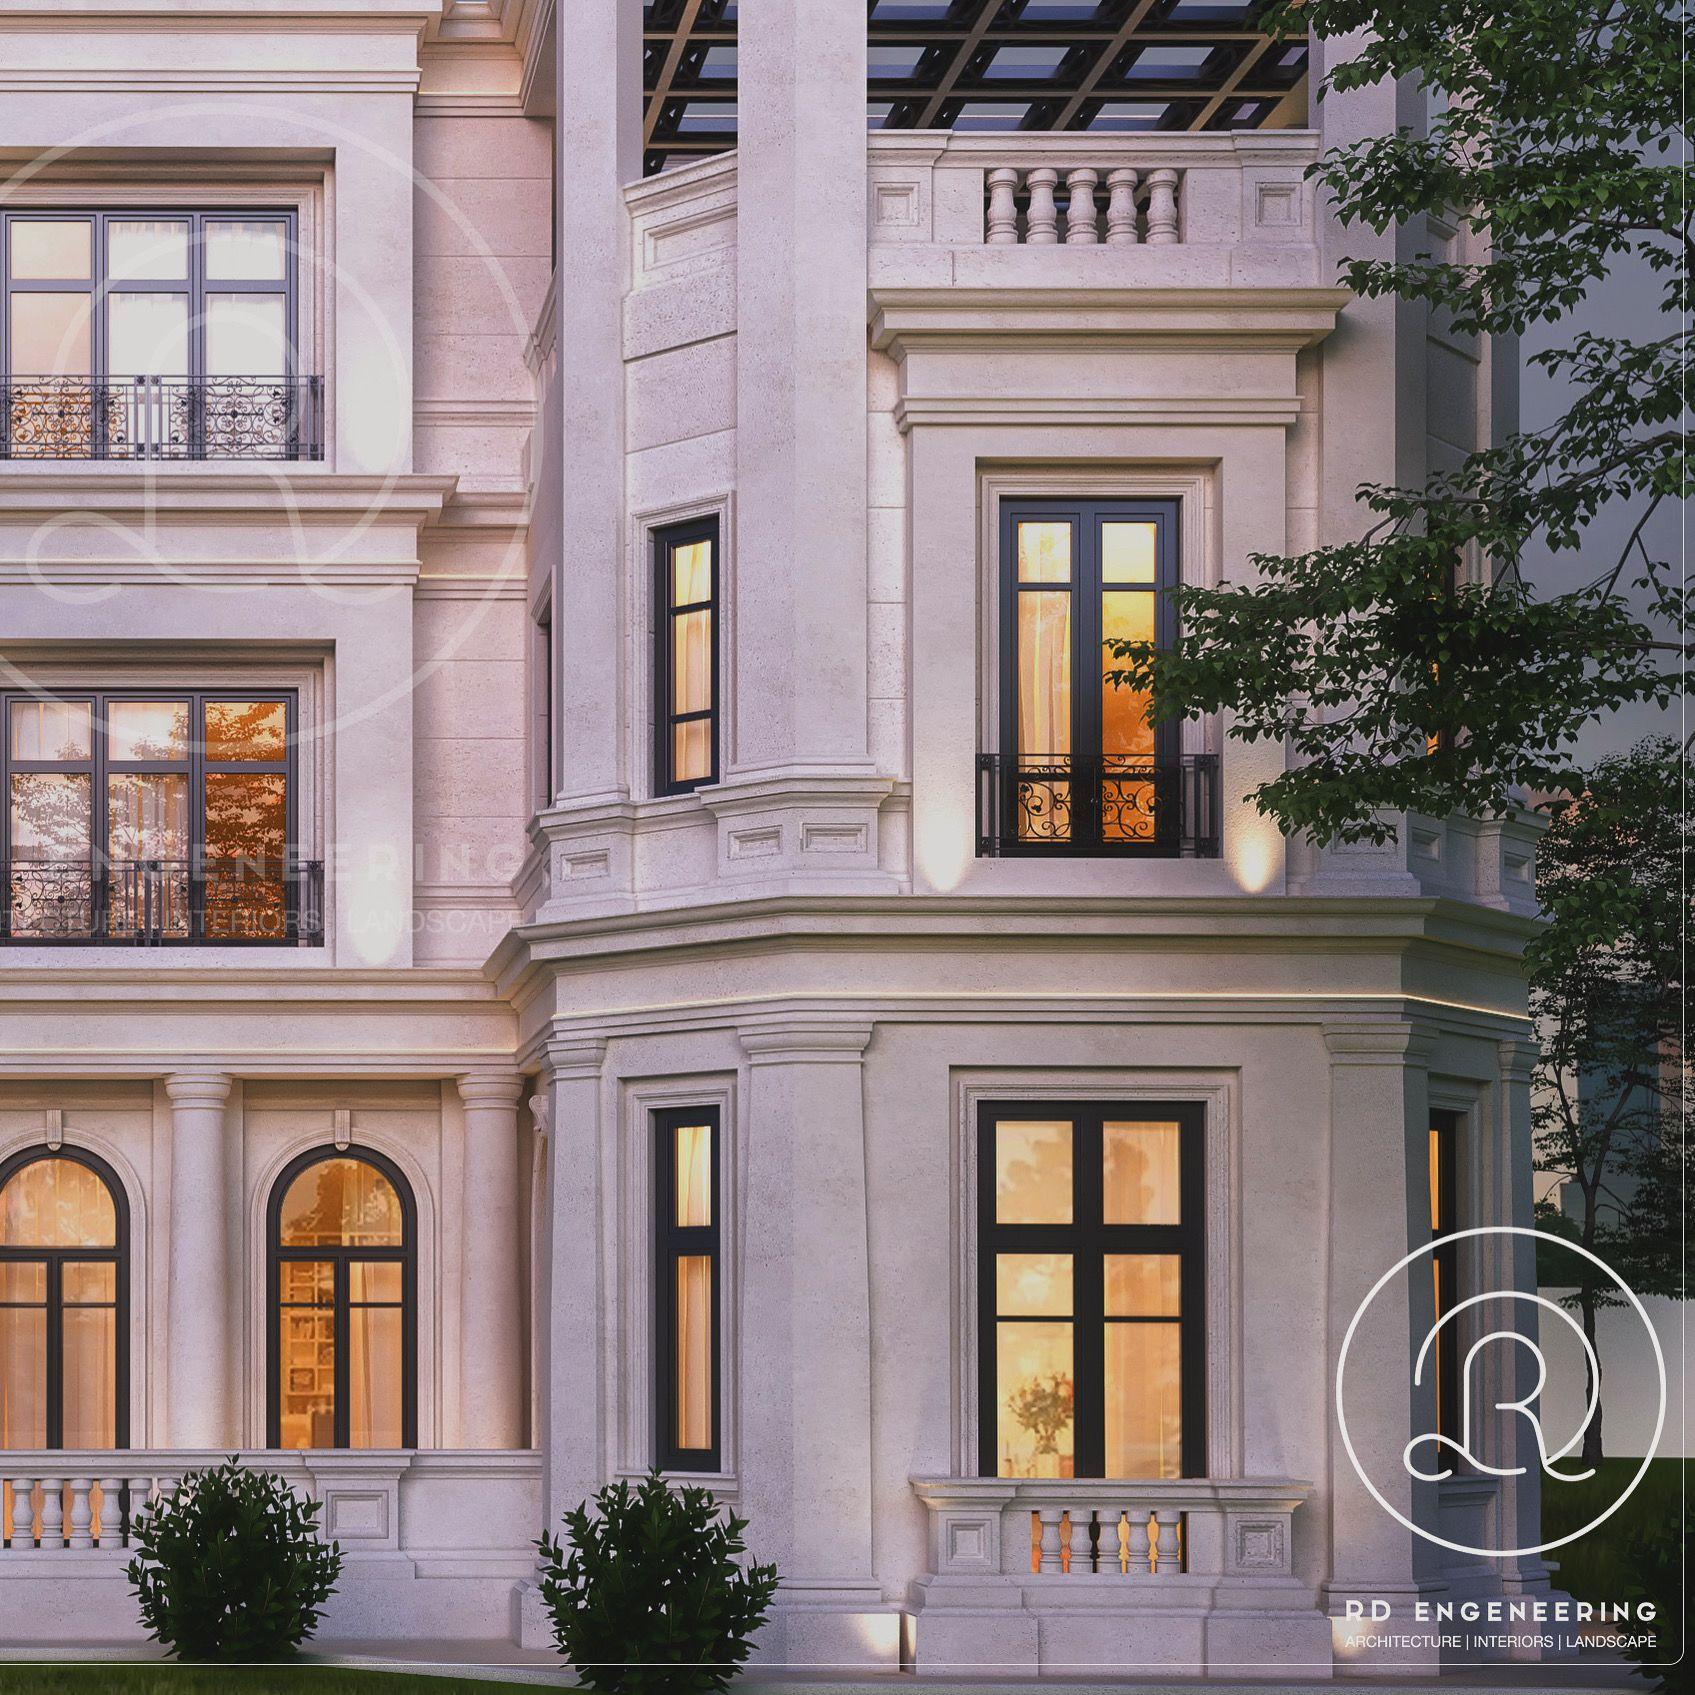 Villa Architecturedesign: #classic # Villa #qatar #architecture # Architecturedesign